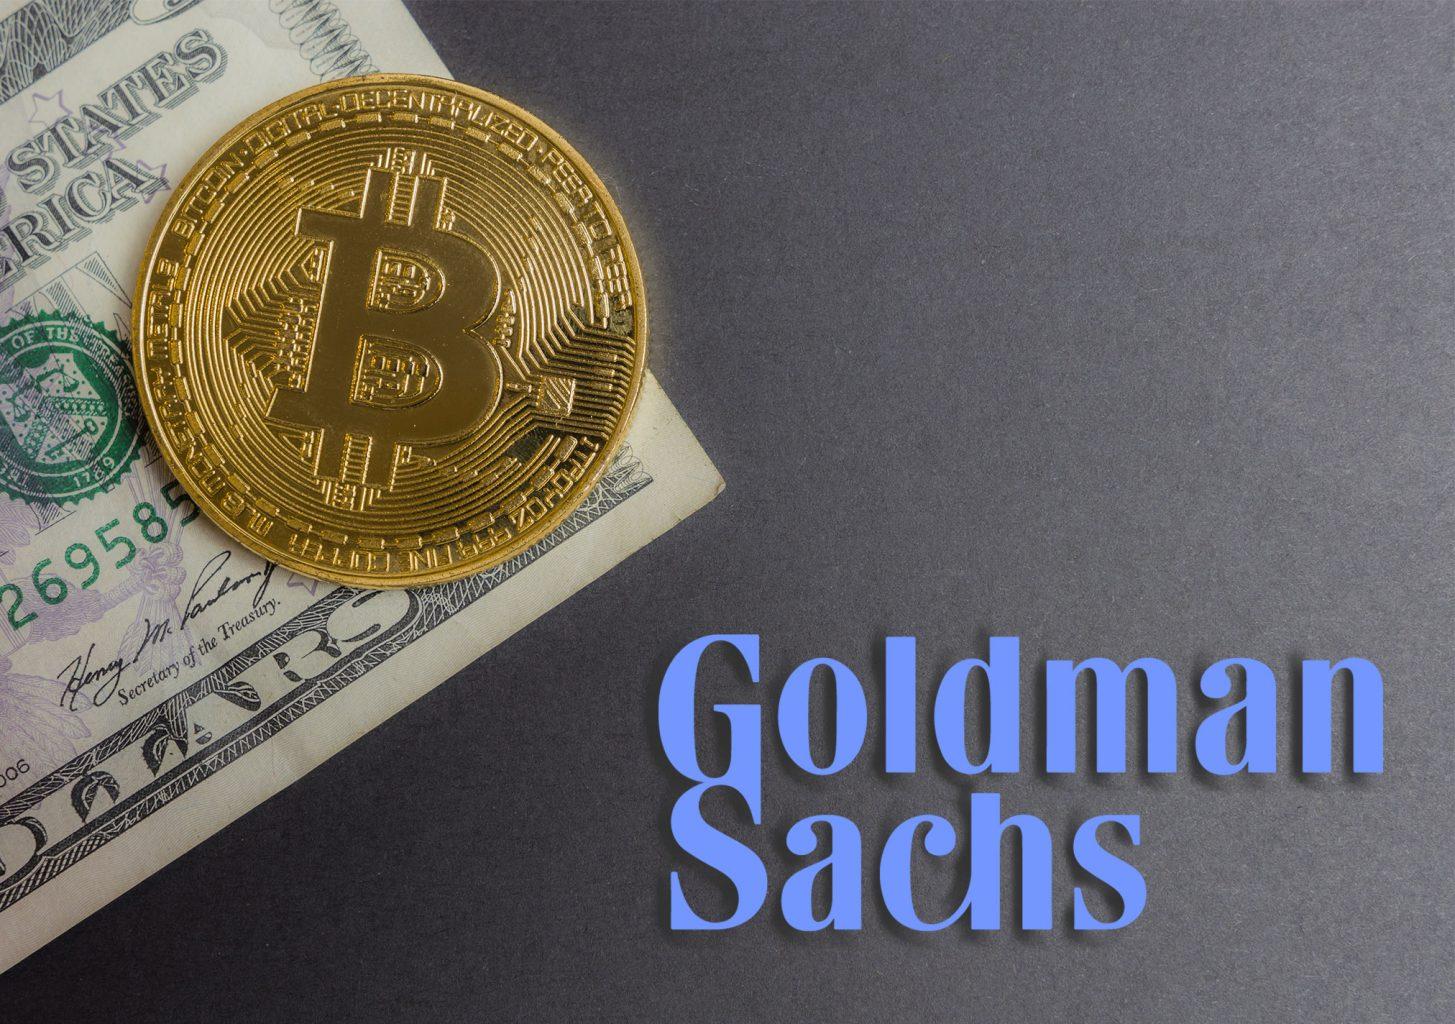 Goldman Sachs Crypto - Goldman Sachs تیم دارایی های دیجیتال خود را تکمیل می کند